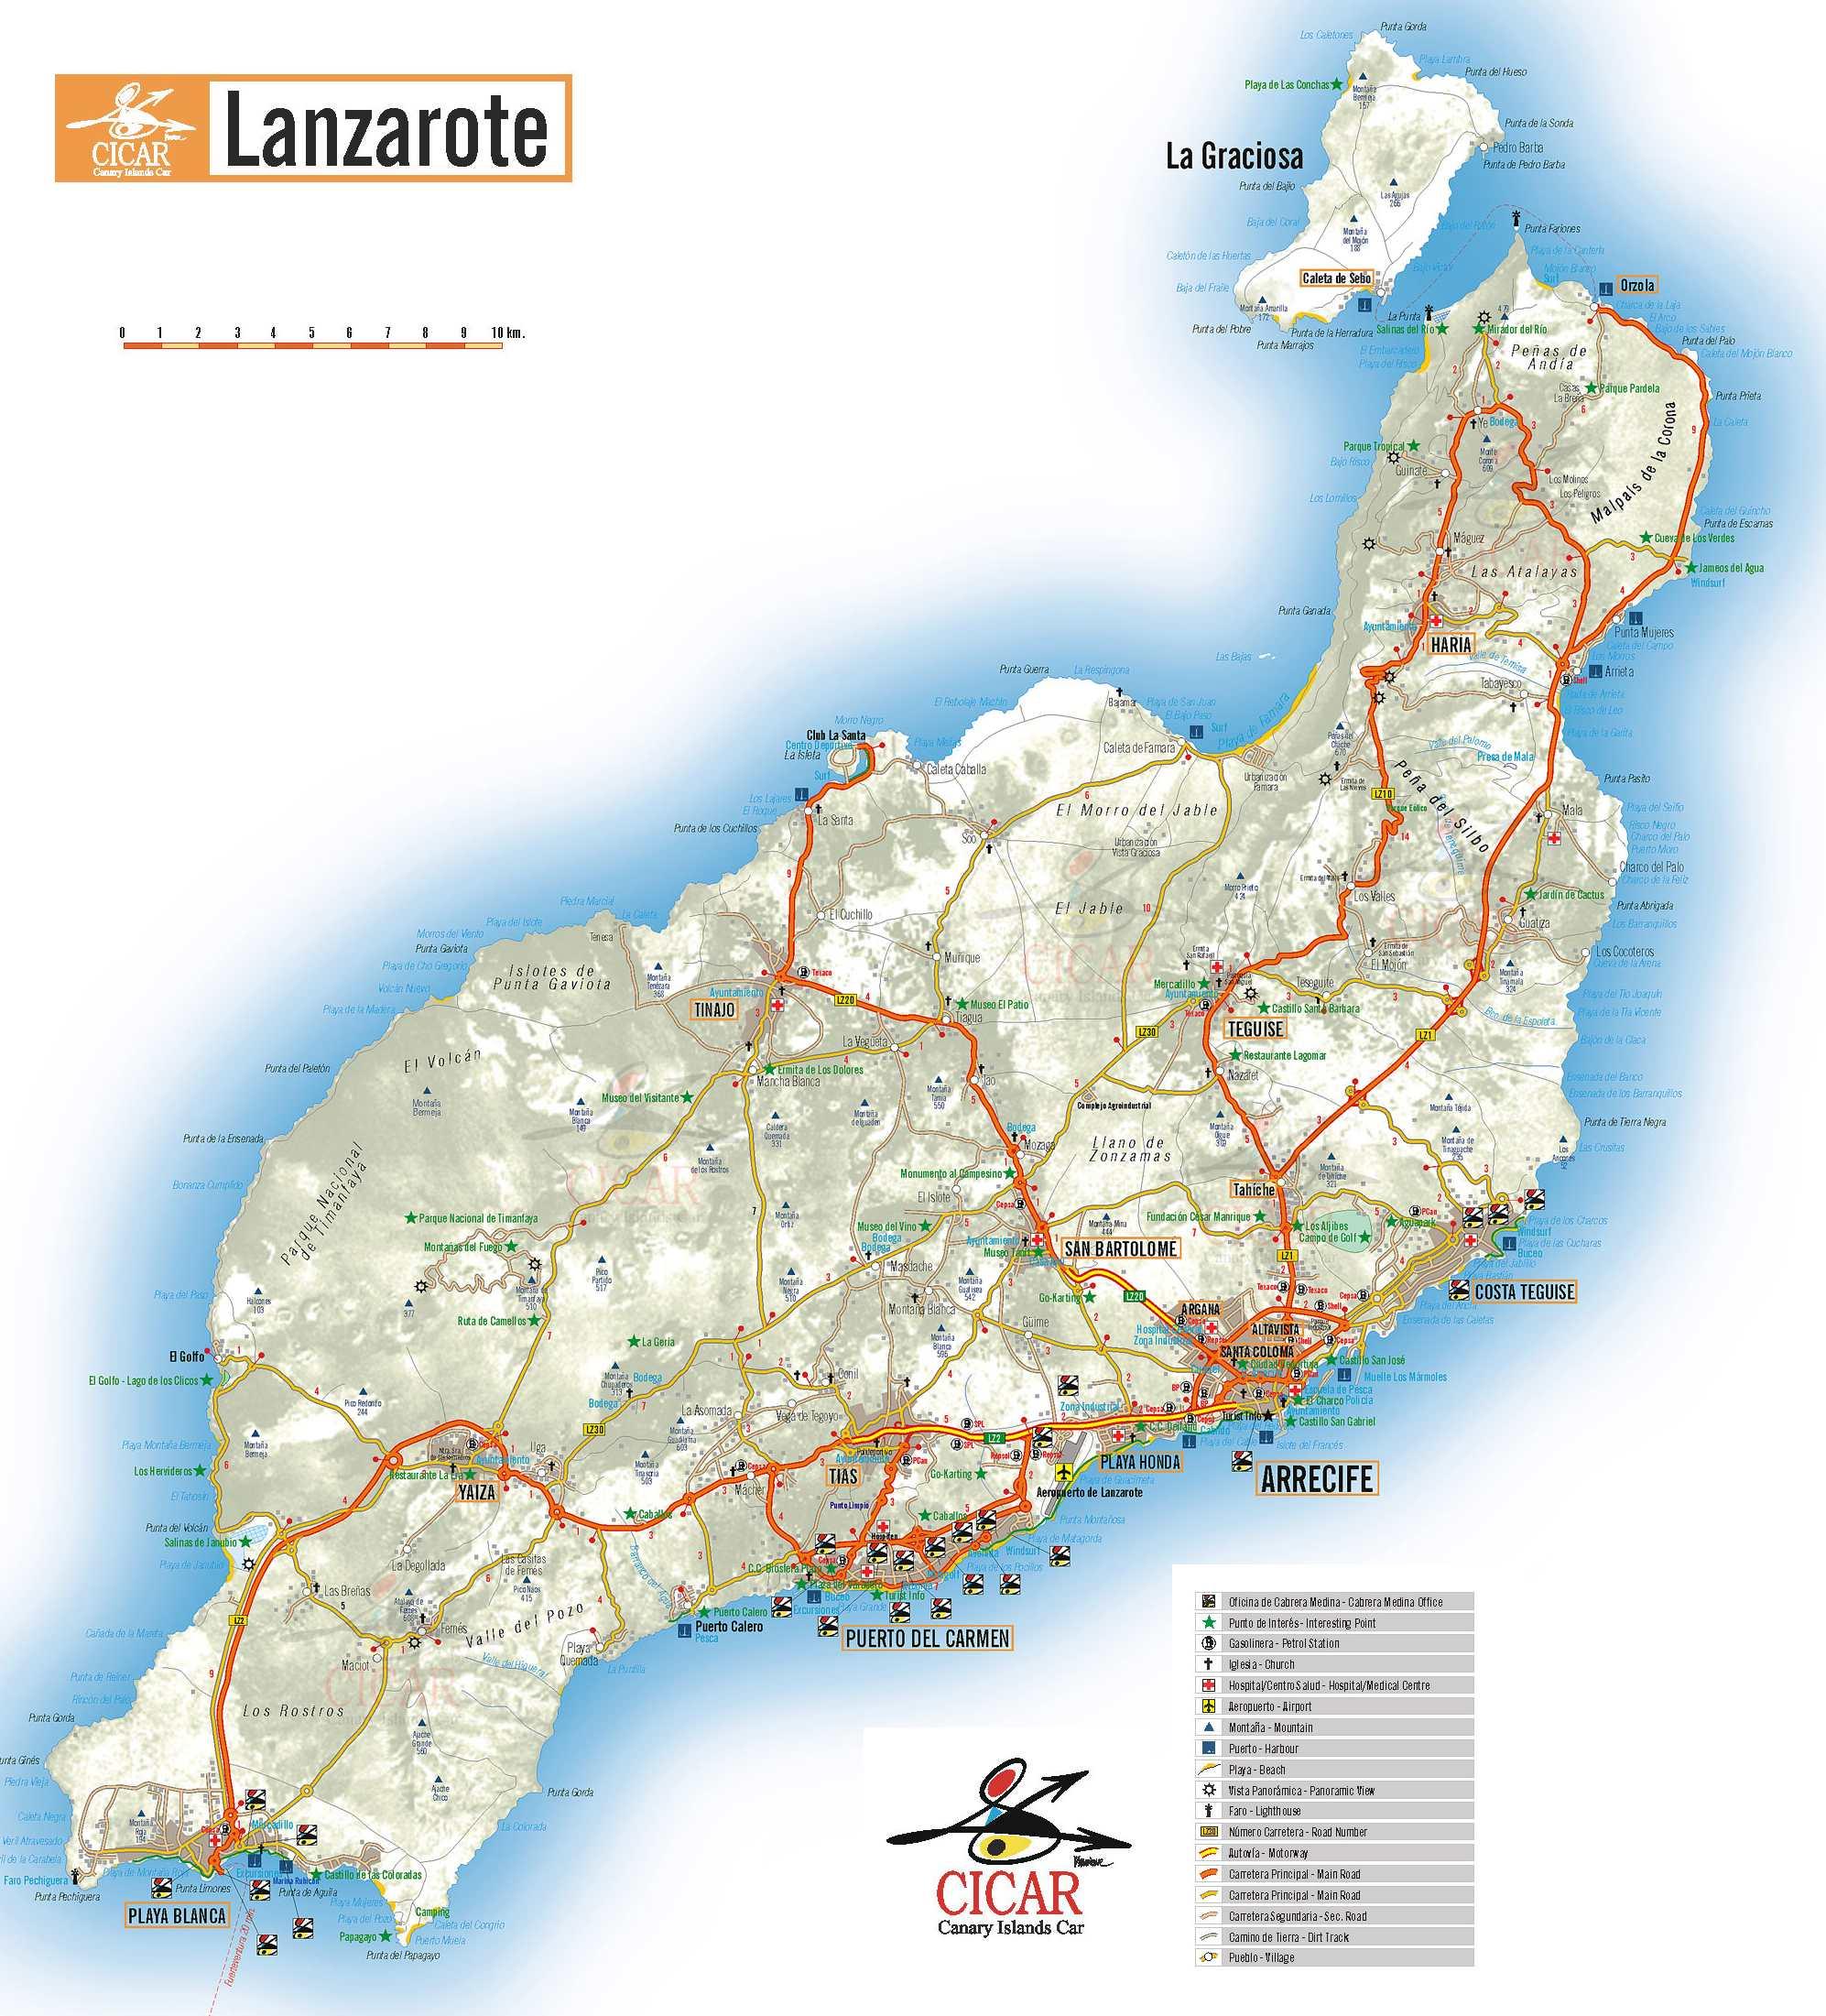 Karte Lanzarote Grosse Lanzarote Karte